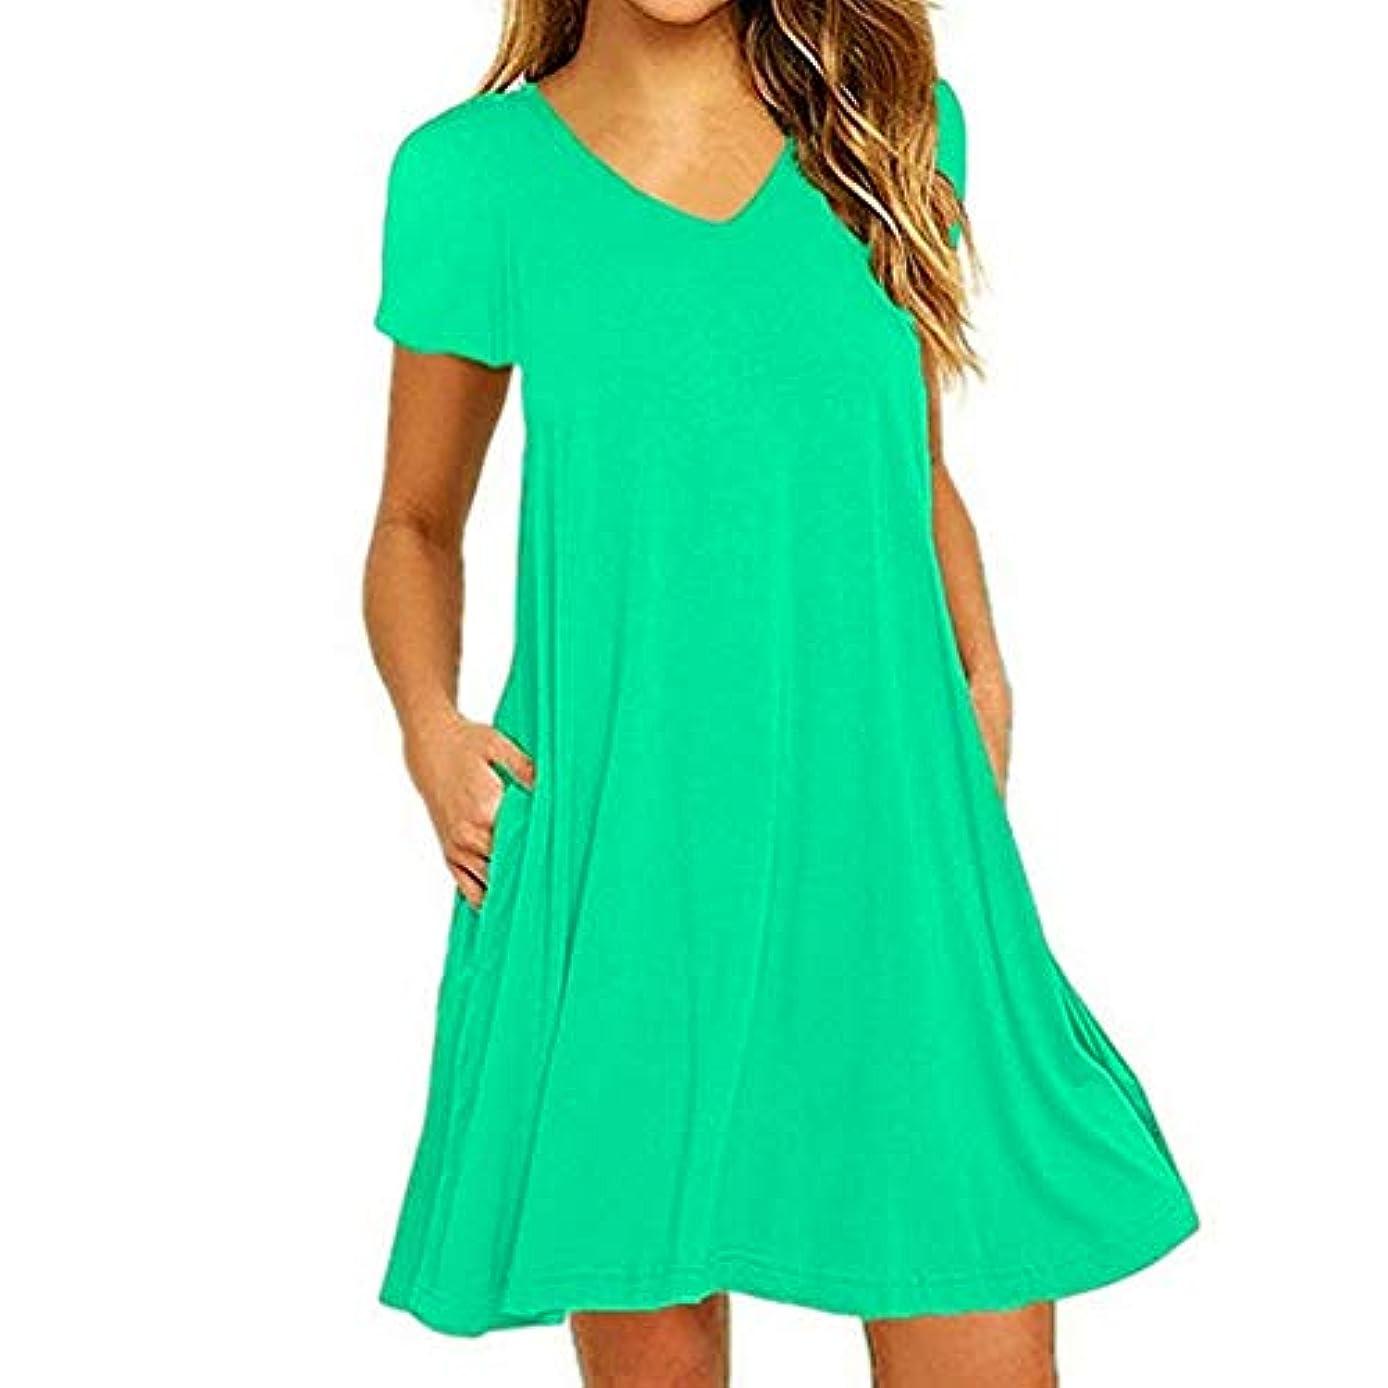 作詞家筋肉のぴったりMIFAN の女性のドレスカジュアルな不規則なドレスルースサマービーチTシャツドレス